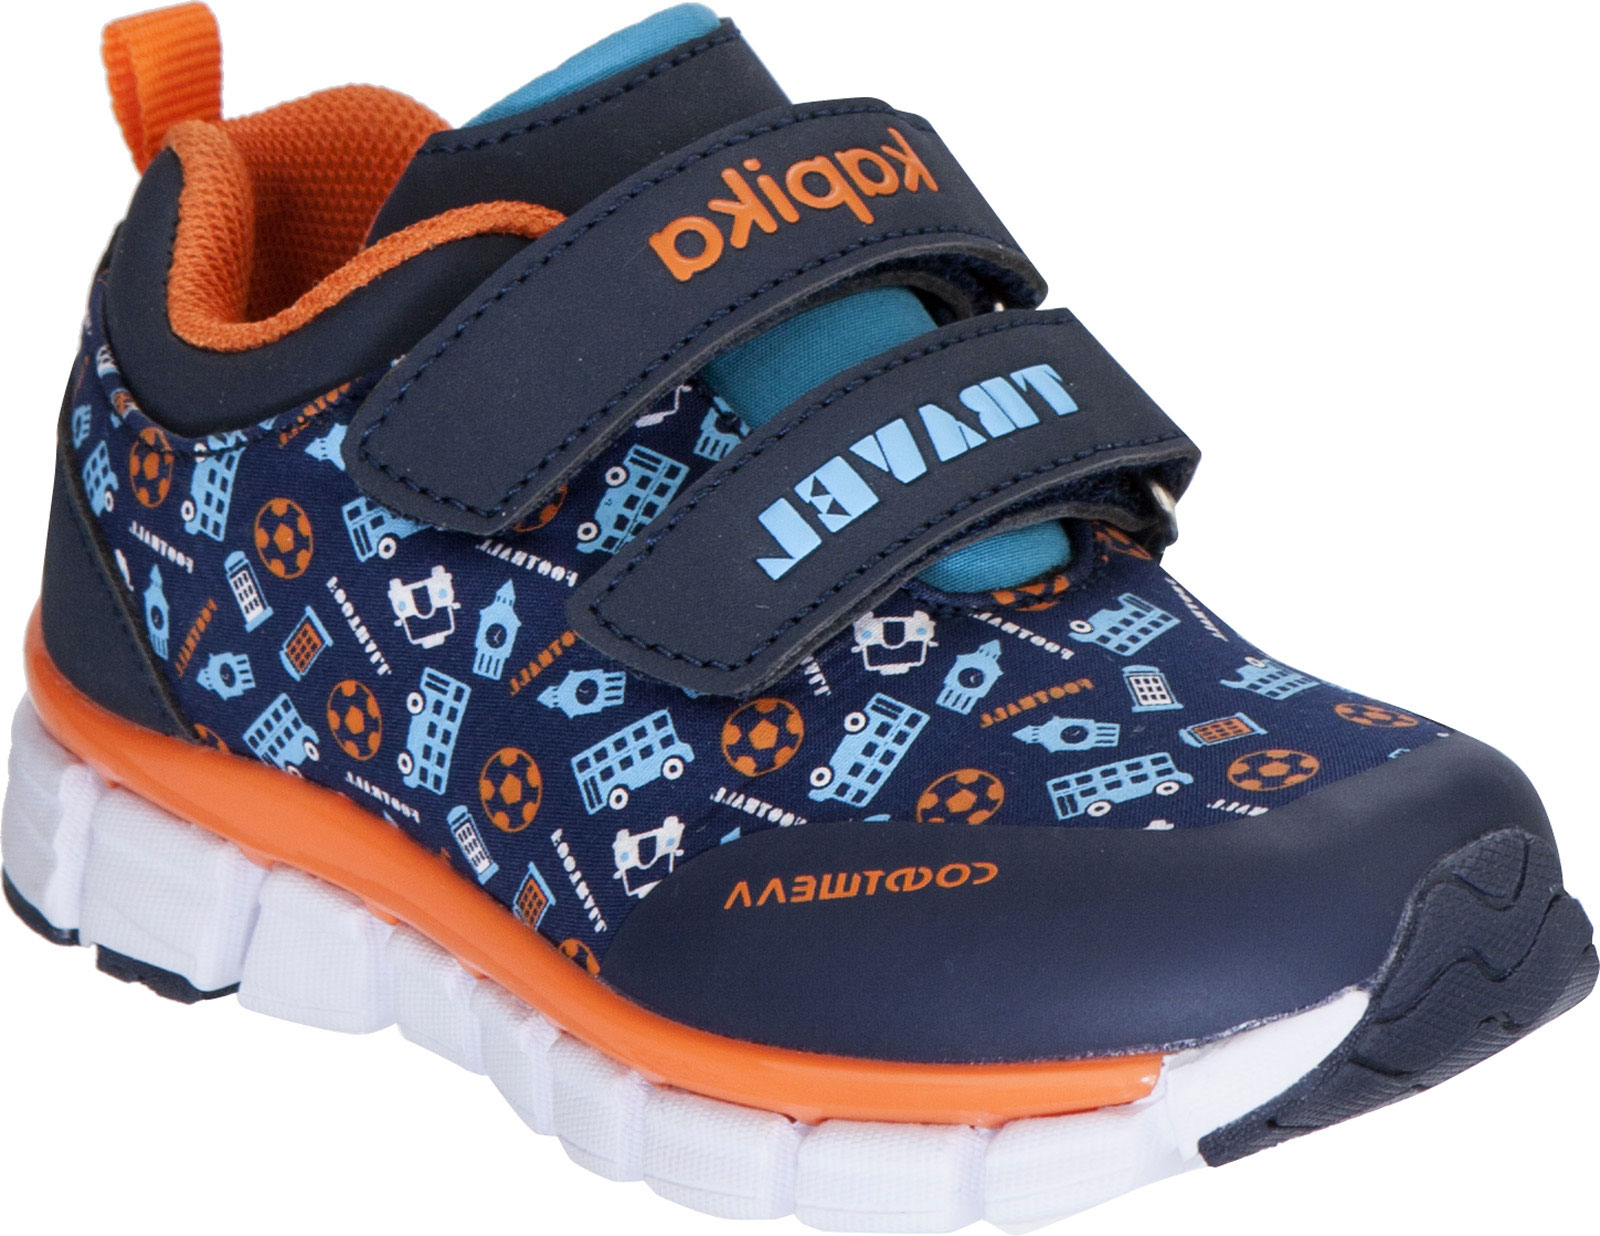 Кроссовки для мальчика Kapika, цвет: темно-синий, оранжевый. 71094. Размер 2271094Кроссовки от Kapika займут достойное место в гардеробе вашего ребенка! Модель изготовлена из текстиля и искусственной кожи. Хлястики на липучках, обеспечивают надежную фиксацию обуви на ноге. Внутренняя поверхность из текстиля, обеспечивает комфорт и предотвращает натирание. Стелька из текстиля сохраняет комфортный микроклимат в обуви. Рифленая поверхность подошвы защищает изделие от скольжения. Стильные и в то же время удобные кроссовки - необходимая вещь в гардеробе каждого ребенка.